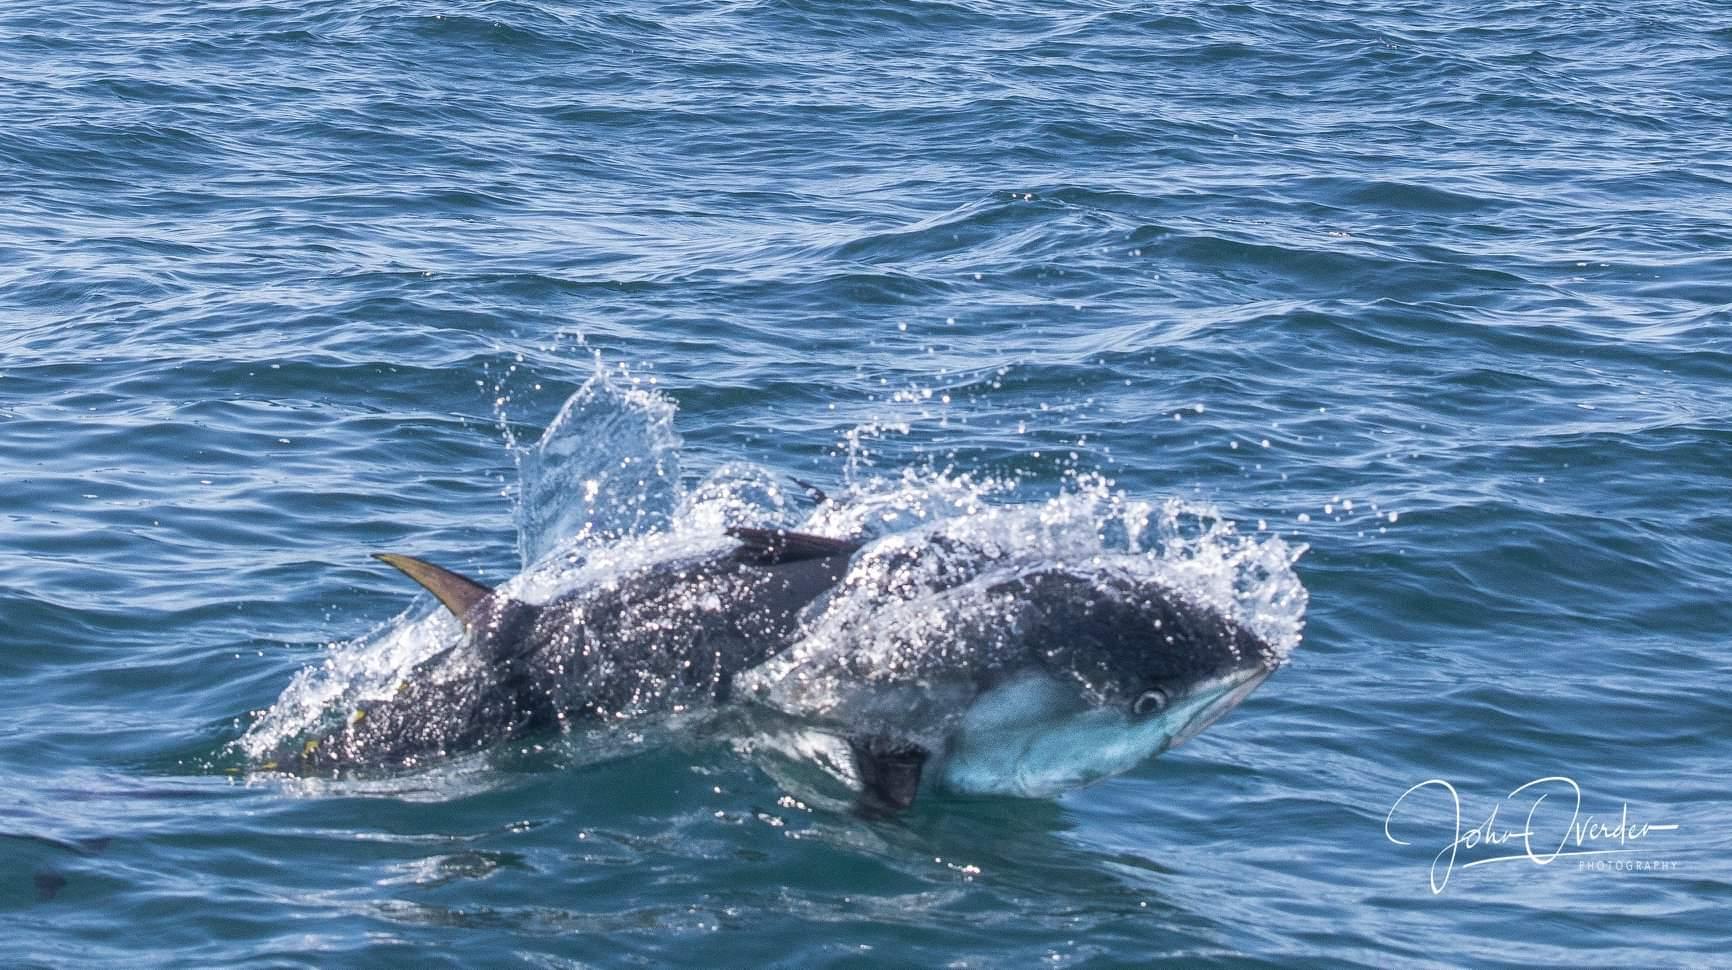 Le thon rouge est de plus en plus observé au large des îles britanniques comme ici dans la Manche © John Ovenden, photographer